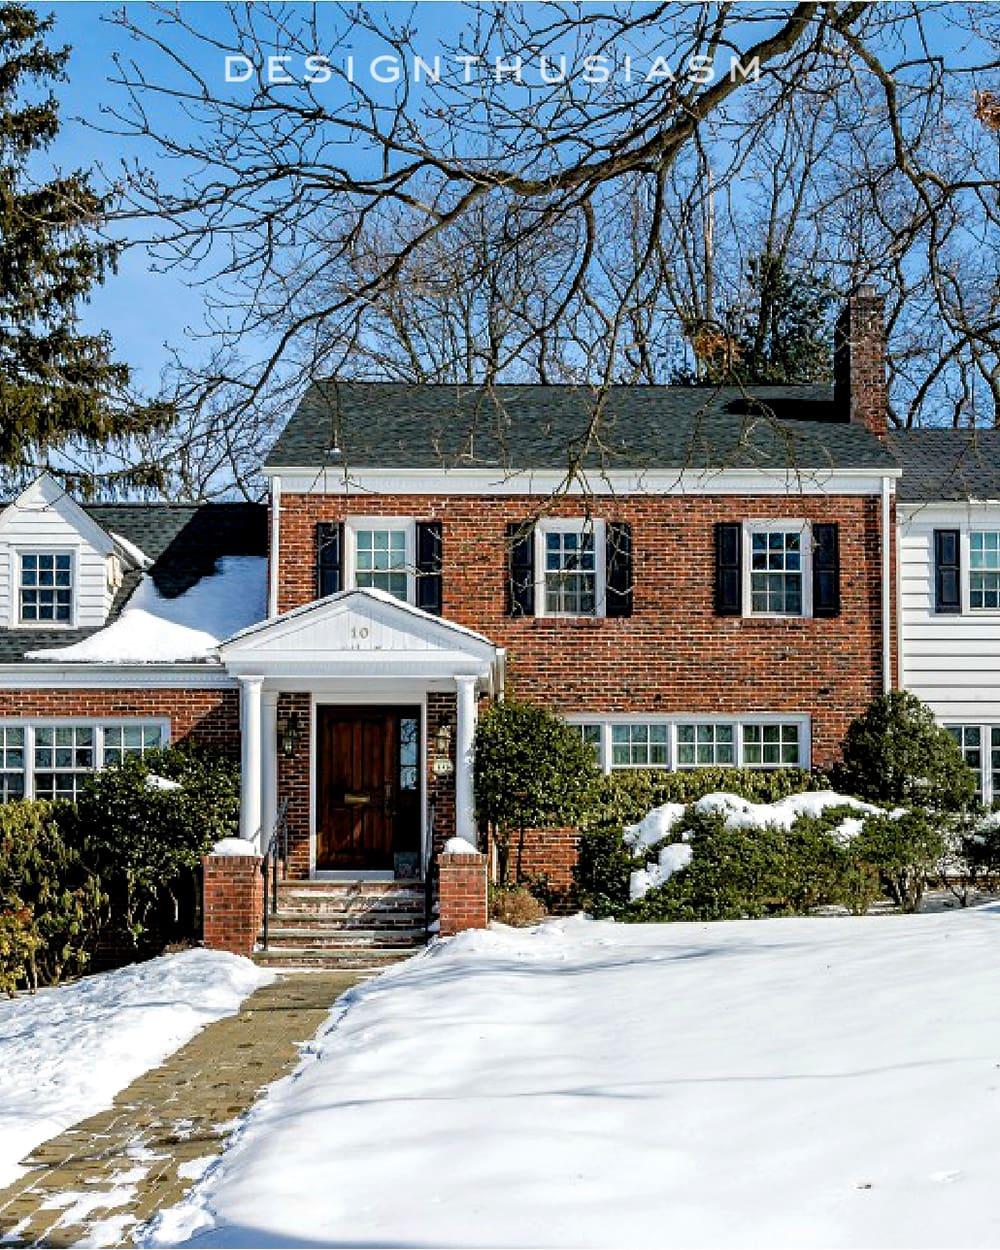 Entry   Family House Tour   Designthusiasm.com